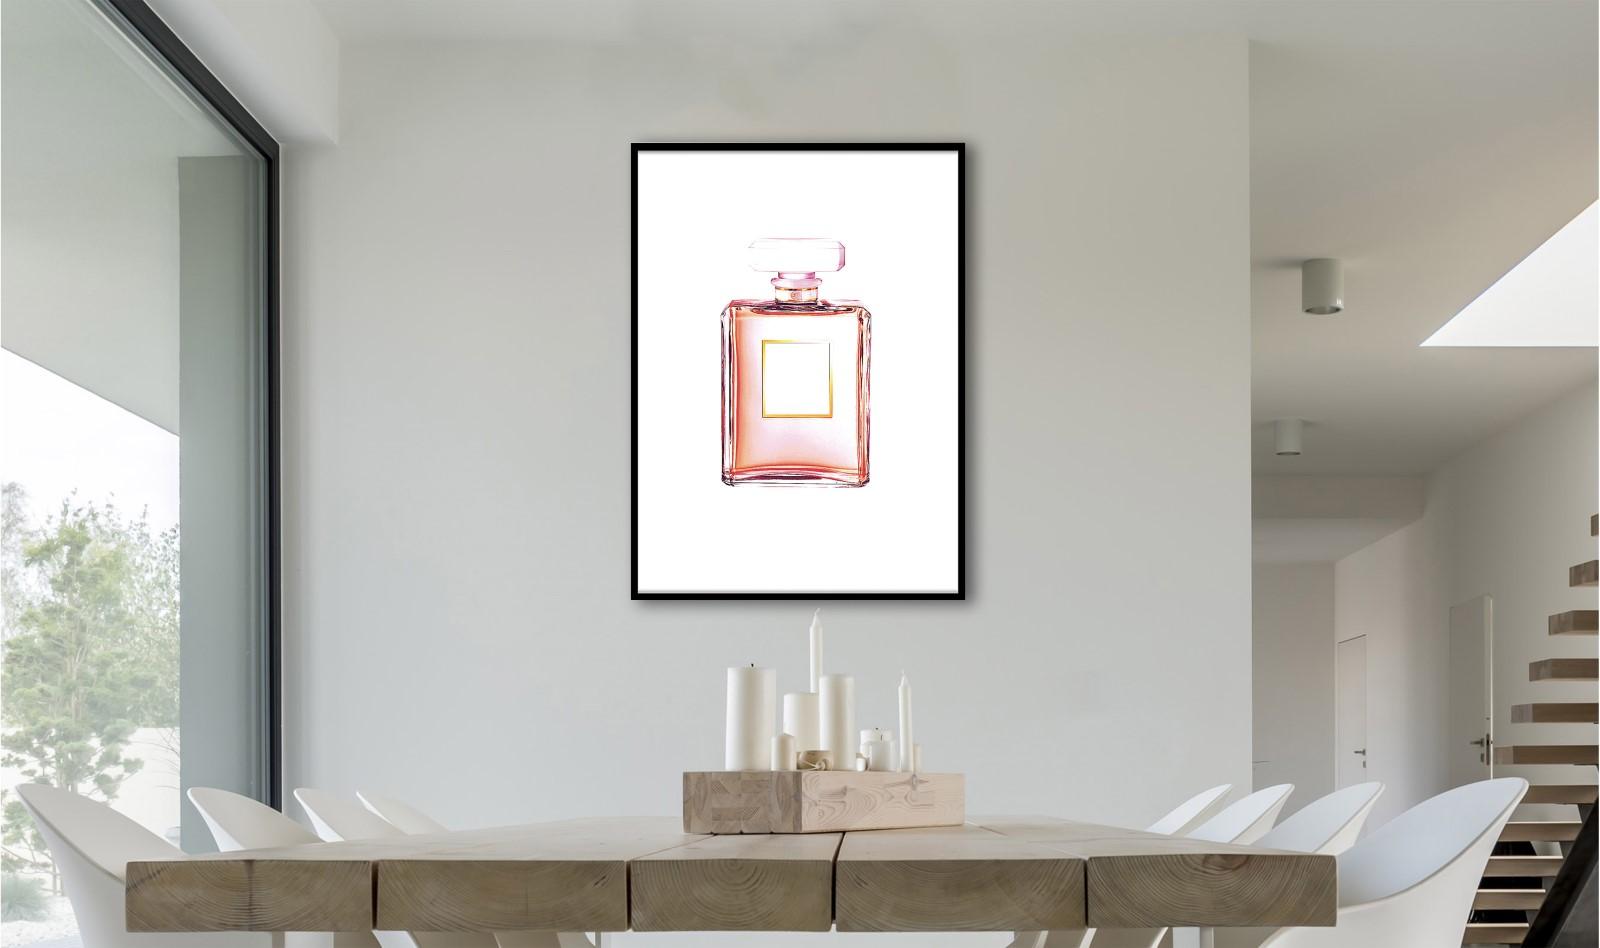 Affiche sous cadre - Salle de bain - Parfum